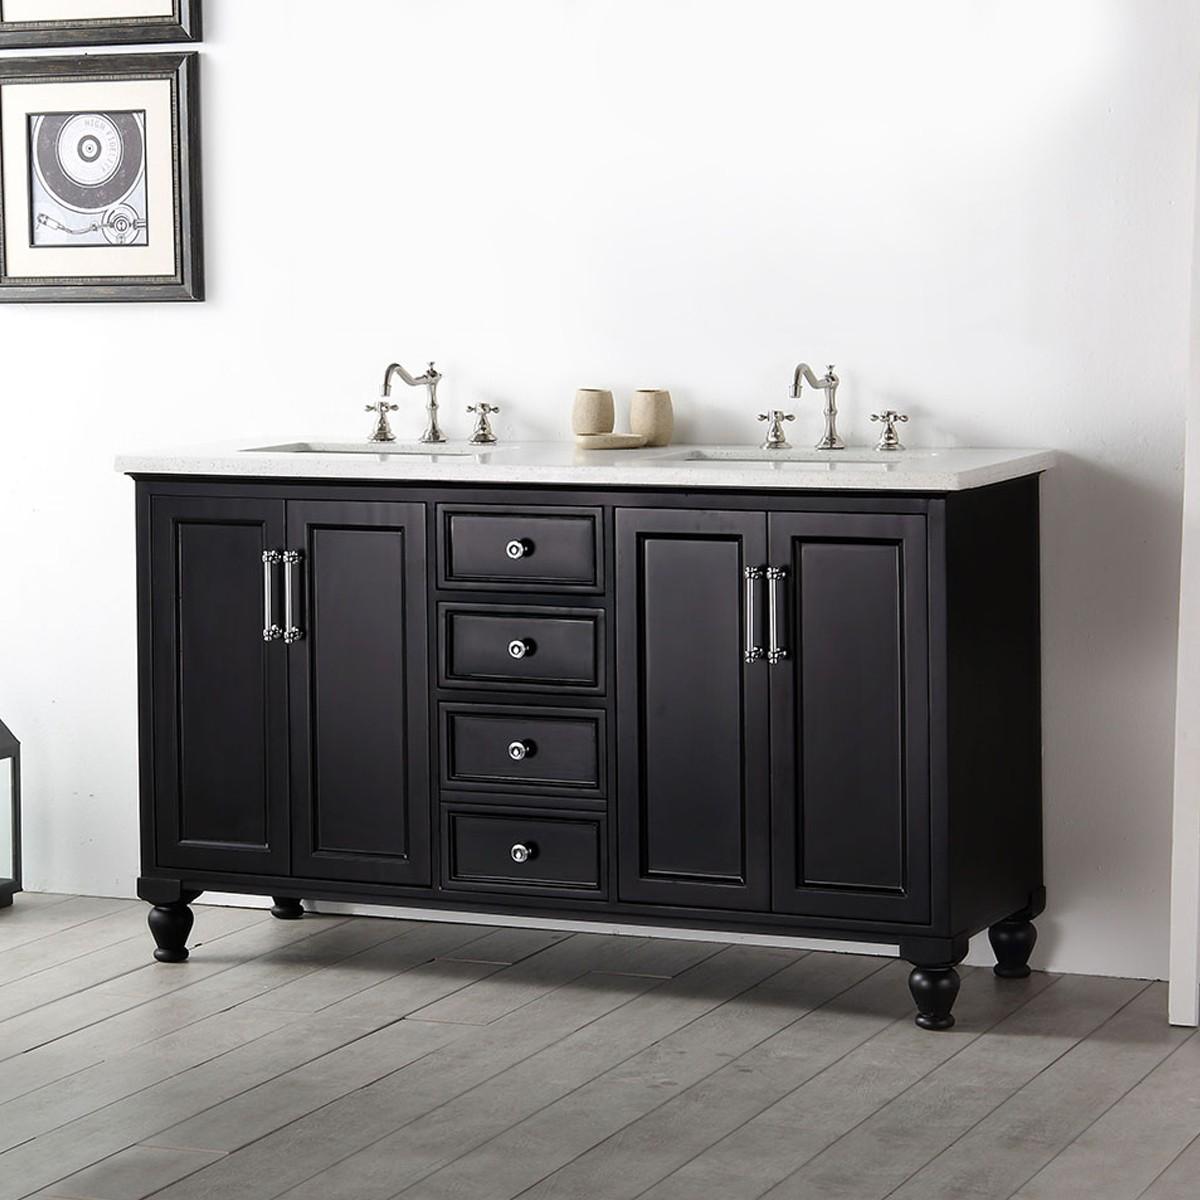 60 In. Bathroom Vanity (DK-6560-E)